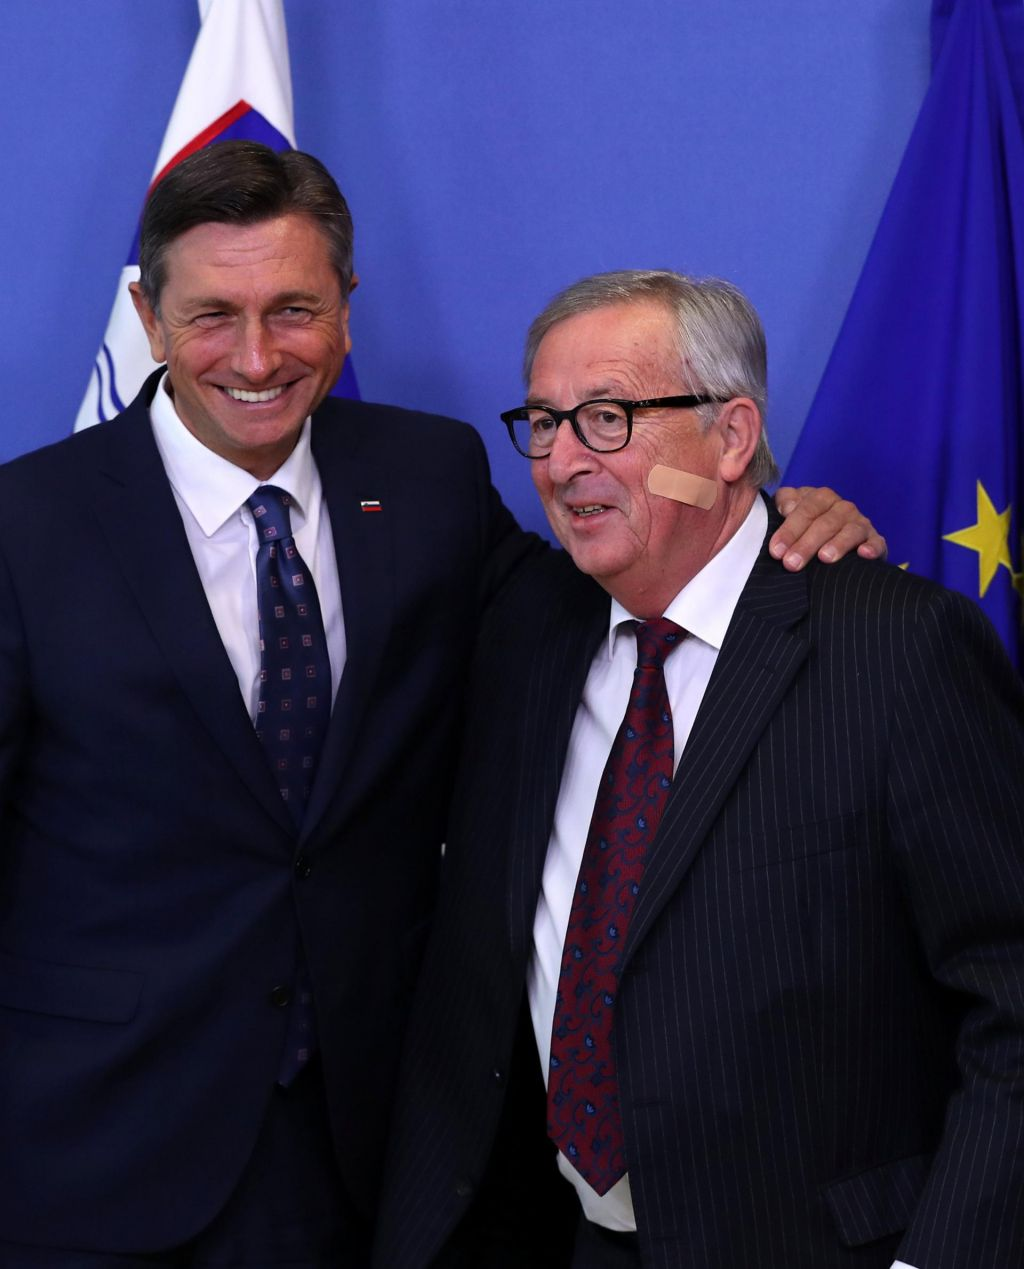 Pahor okrcal Junckerja: Zamudili ste priložnost